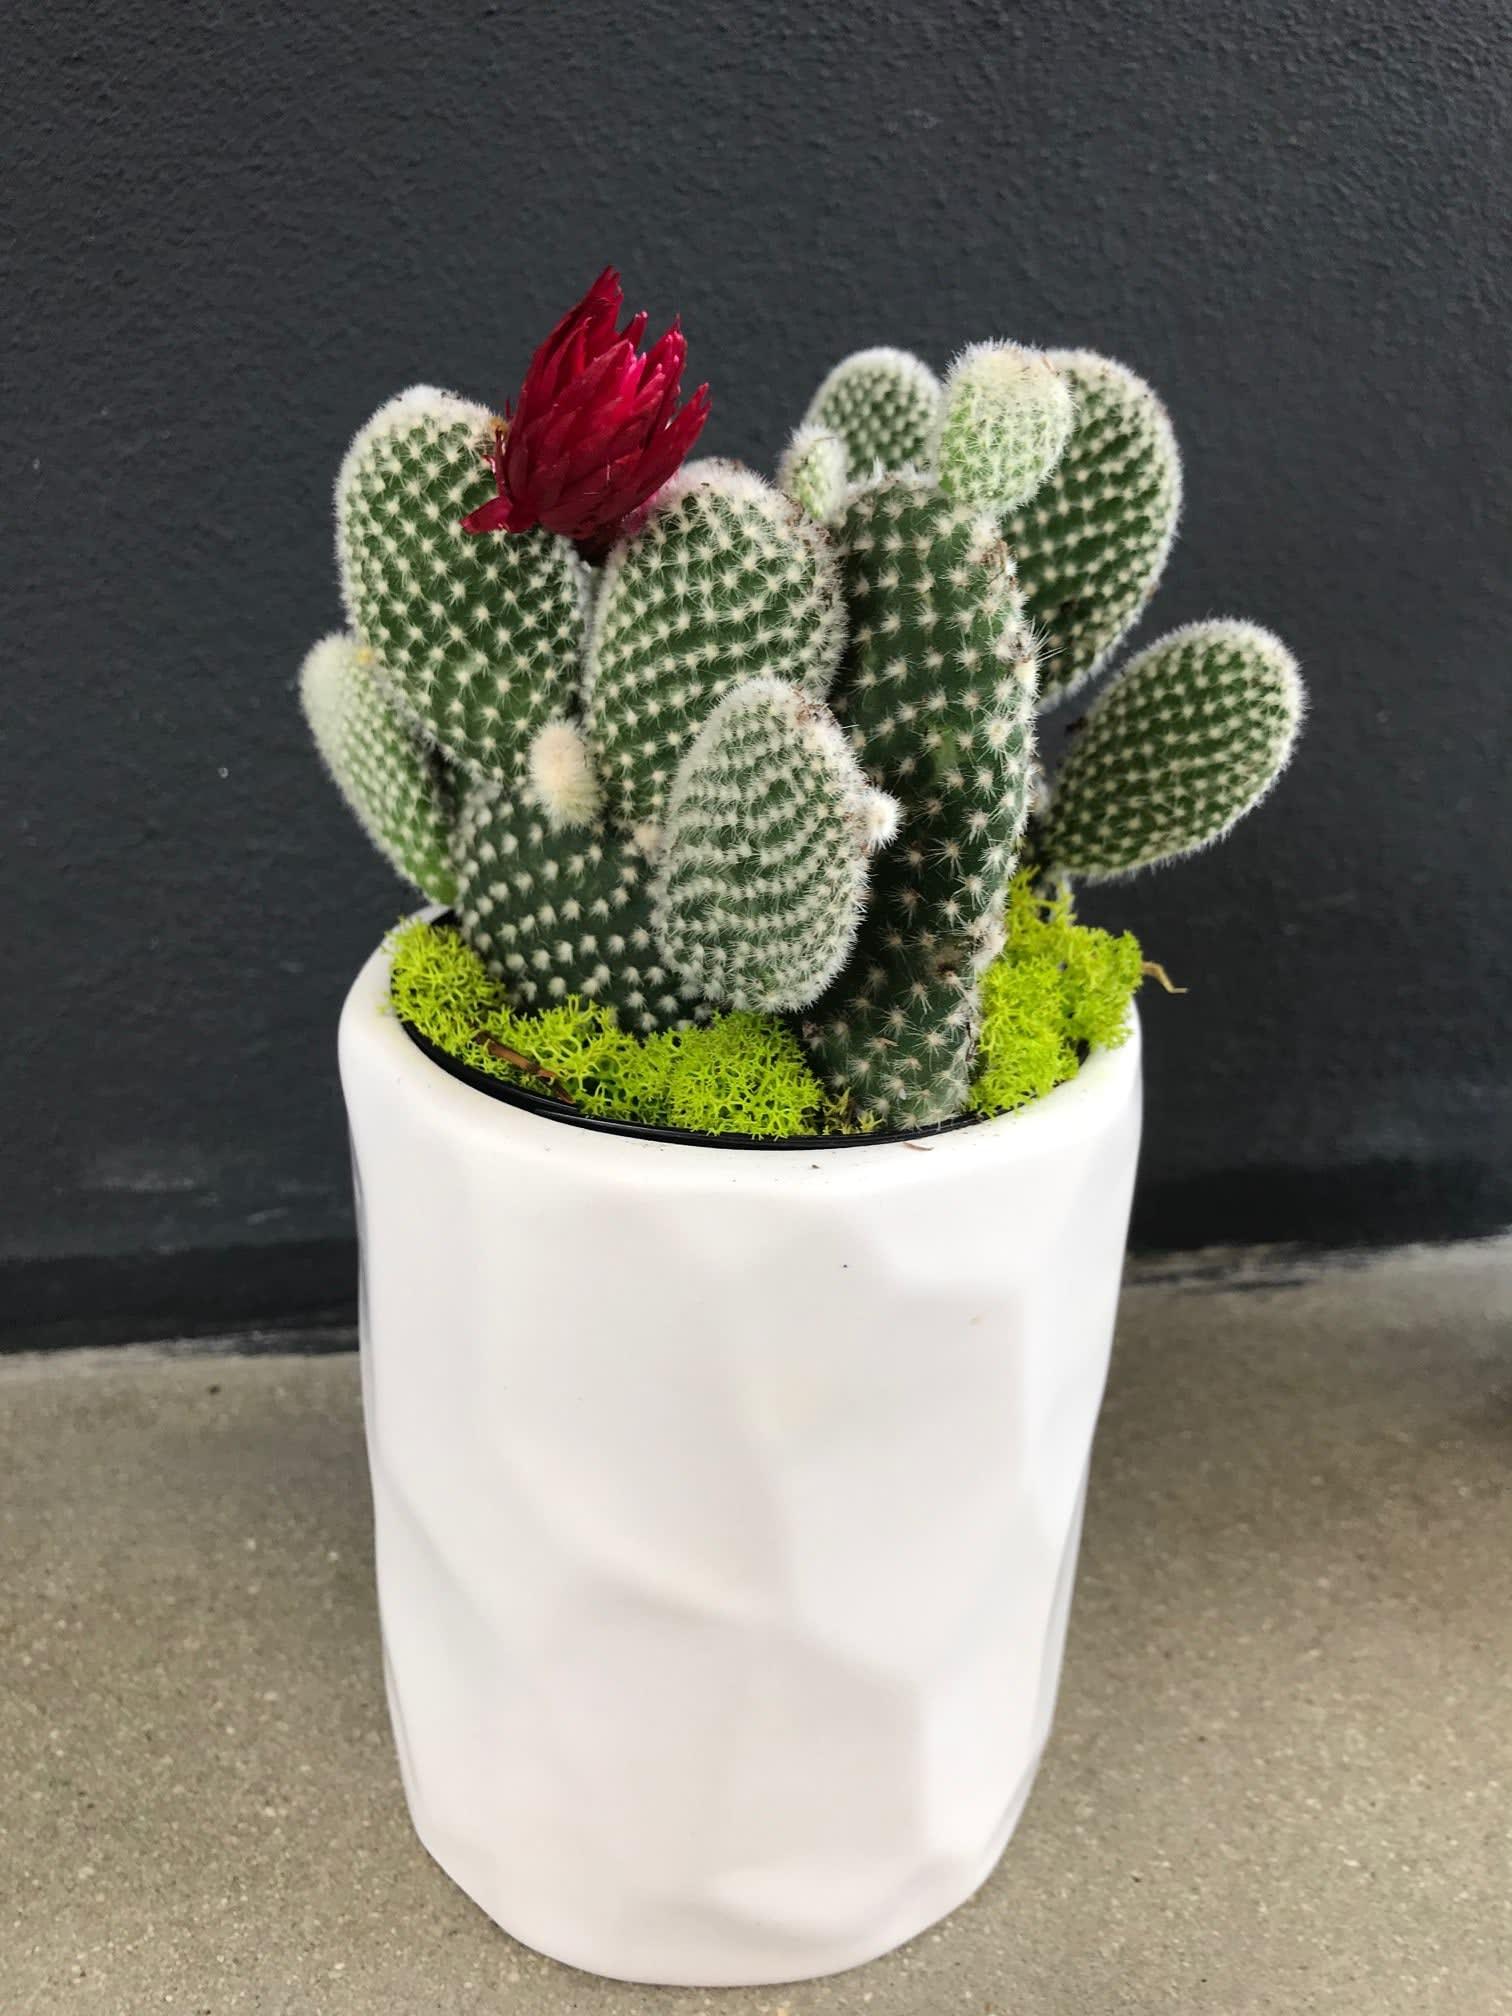 Mini Cactus Garden In Fort Lauderdale Fl La Fleur Florals And